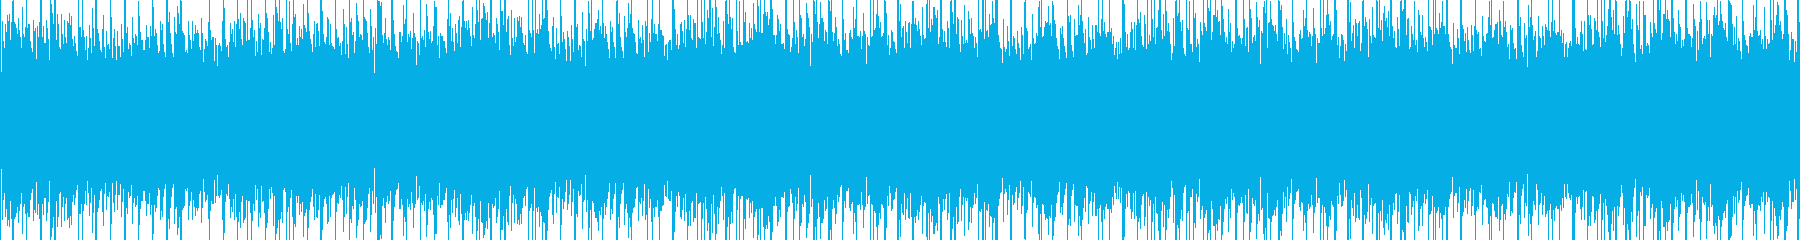 エレキギターによる迷宮感のあるループの再生済みの波形